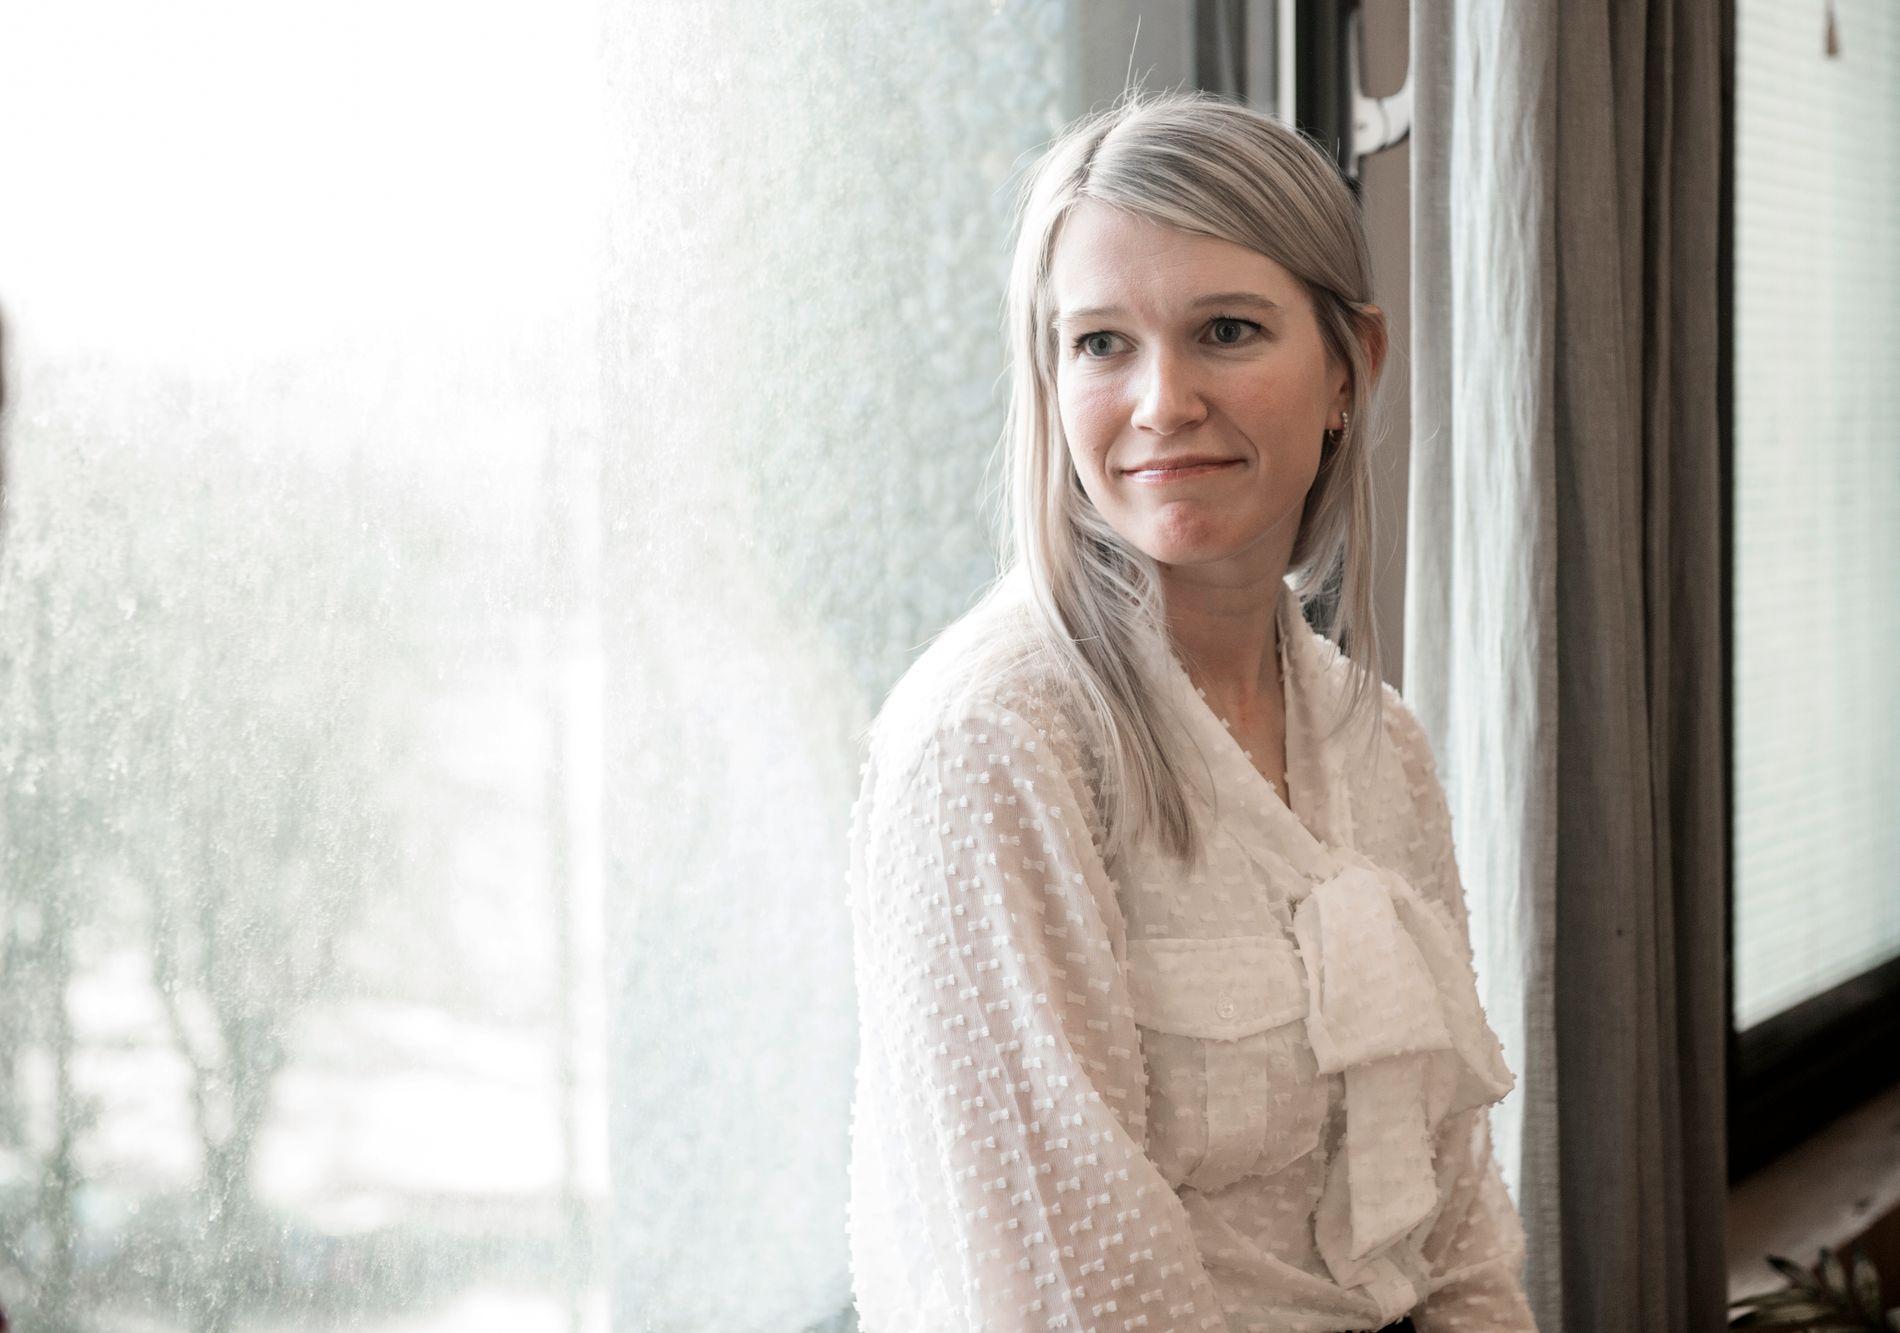 BYRÅD: Både Rebekka Ljosland og Dag Inge Ulstein har takka nei til ein ny periode for KrF i bystyret i Bergen, men sjansen er vel stor for at dei takkar ja til ein plass ved Kongens bord om Erna Solberg slår på tråden.